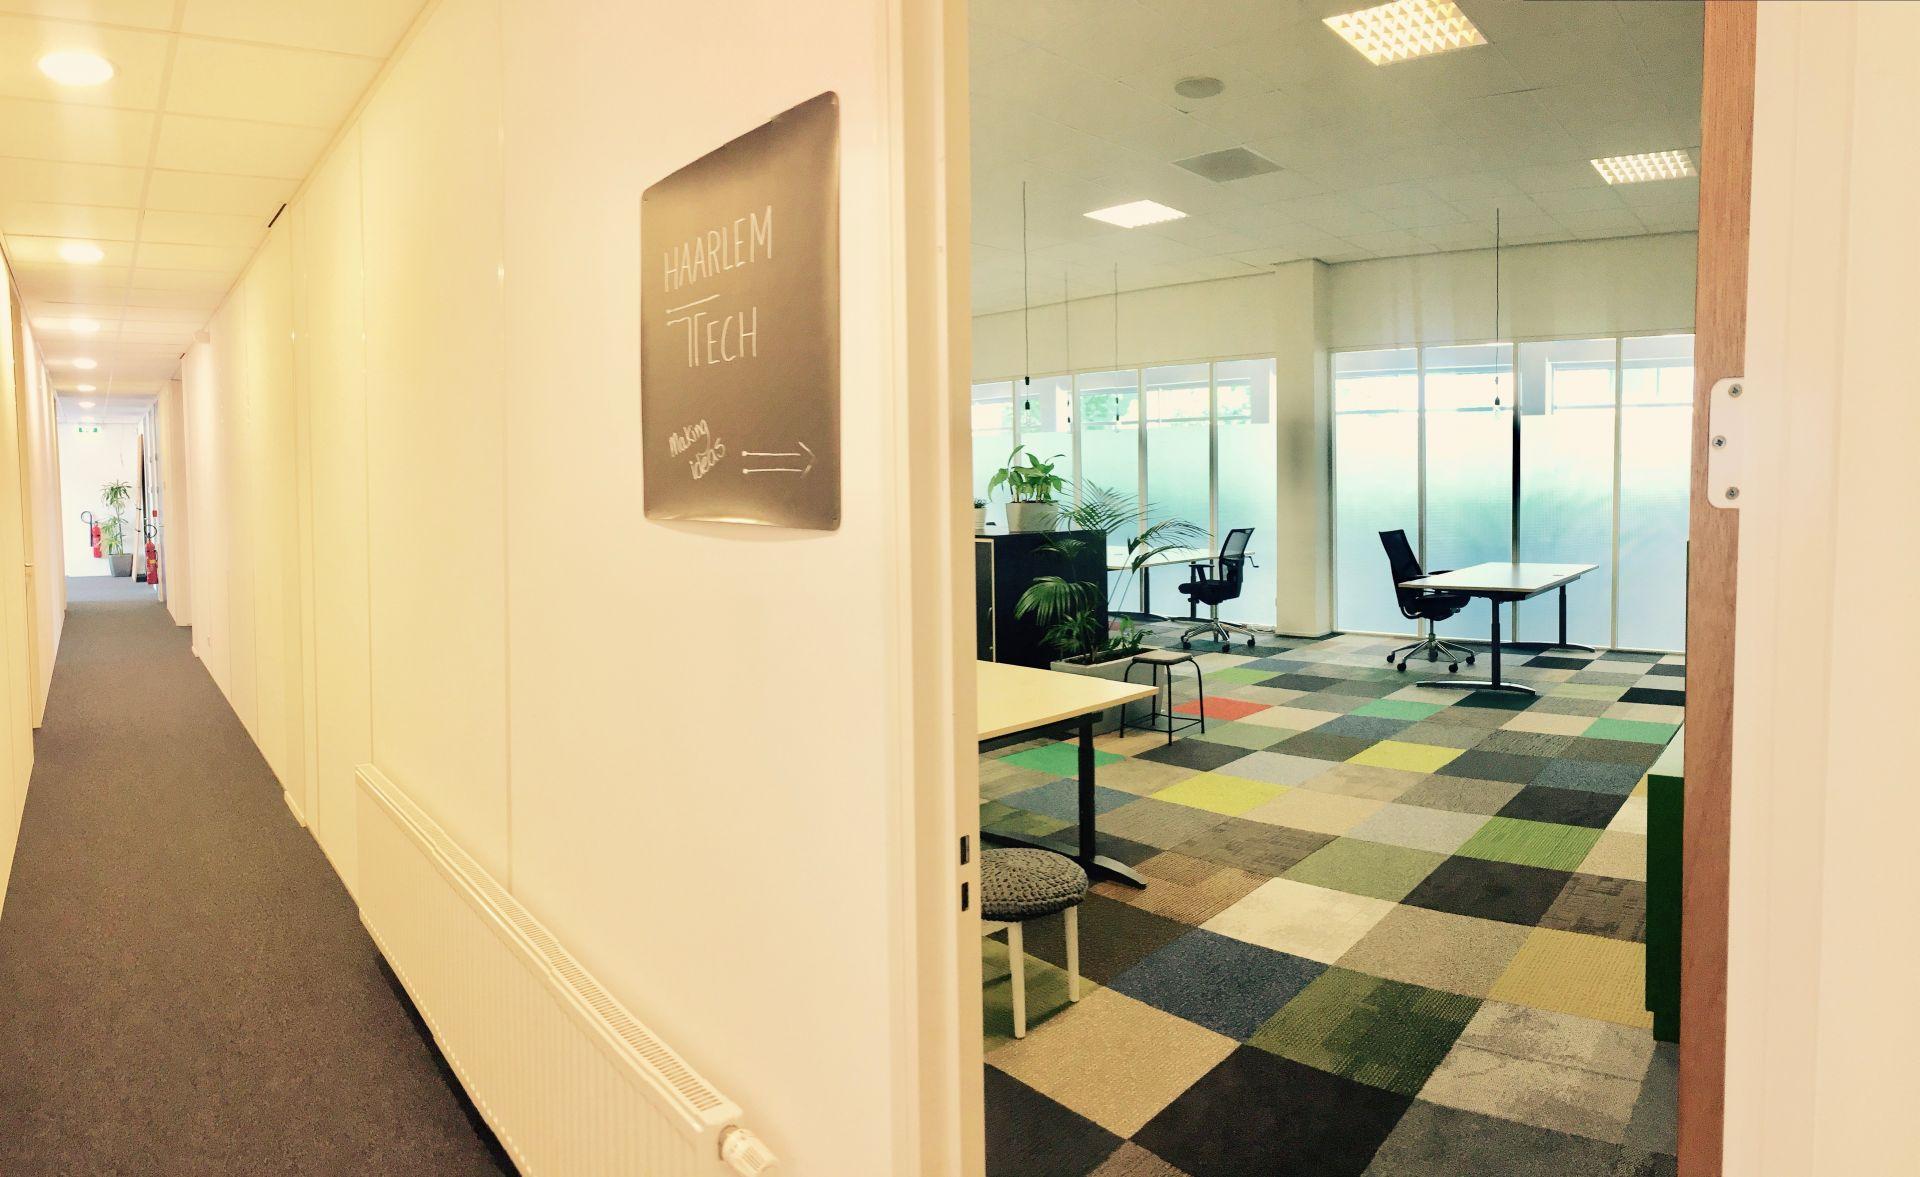 Haarlem.Tech Startup Hub, Haarlem